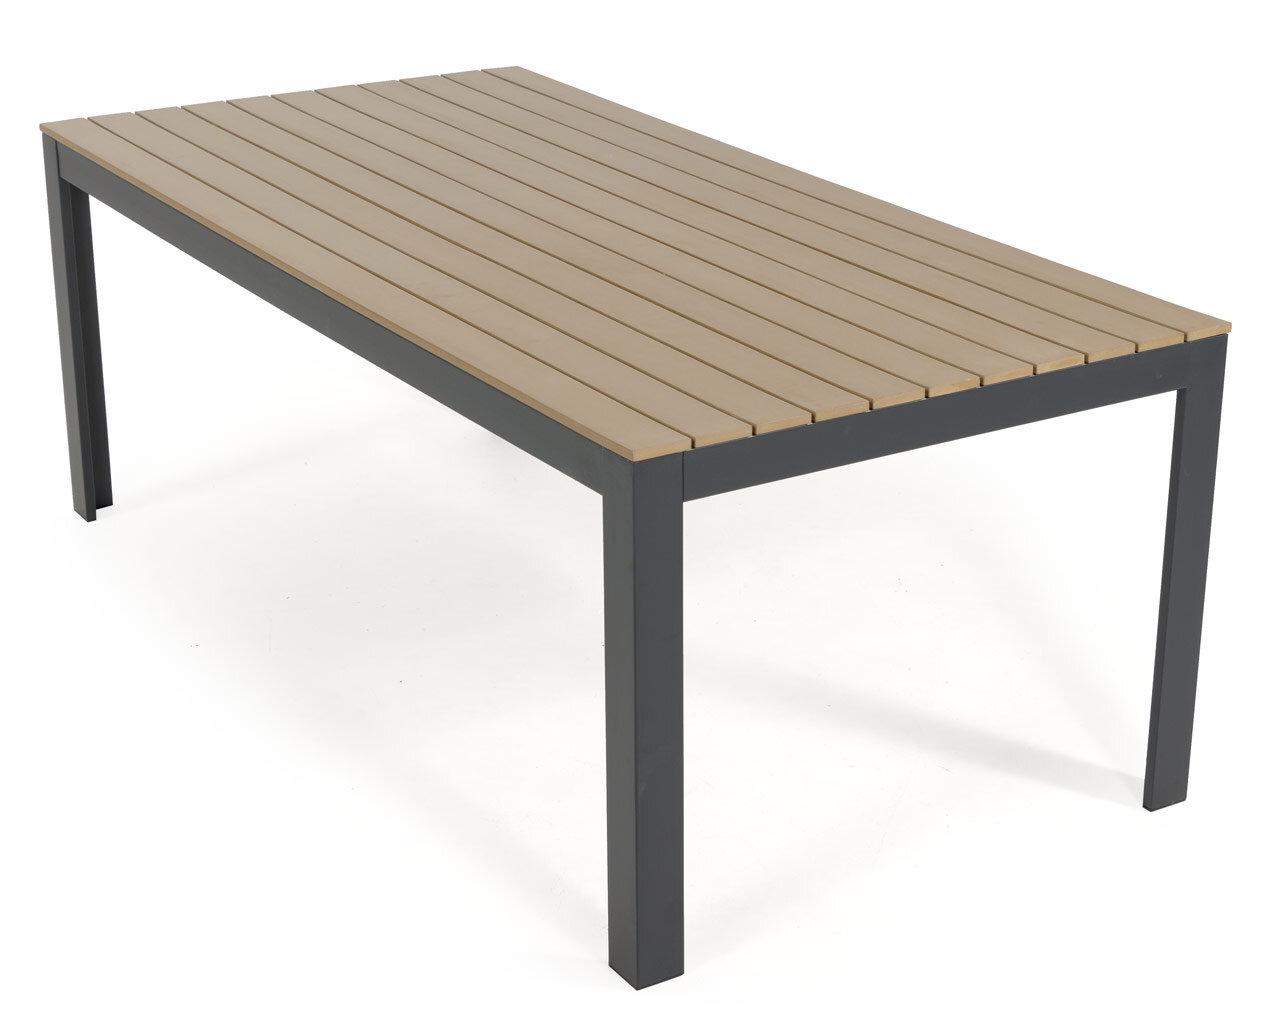 table de jardin bois composite 200 cm bilbao